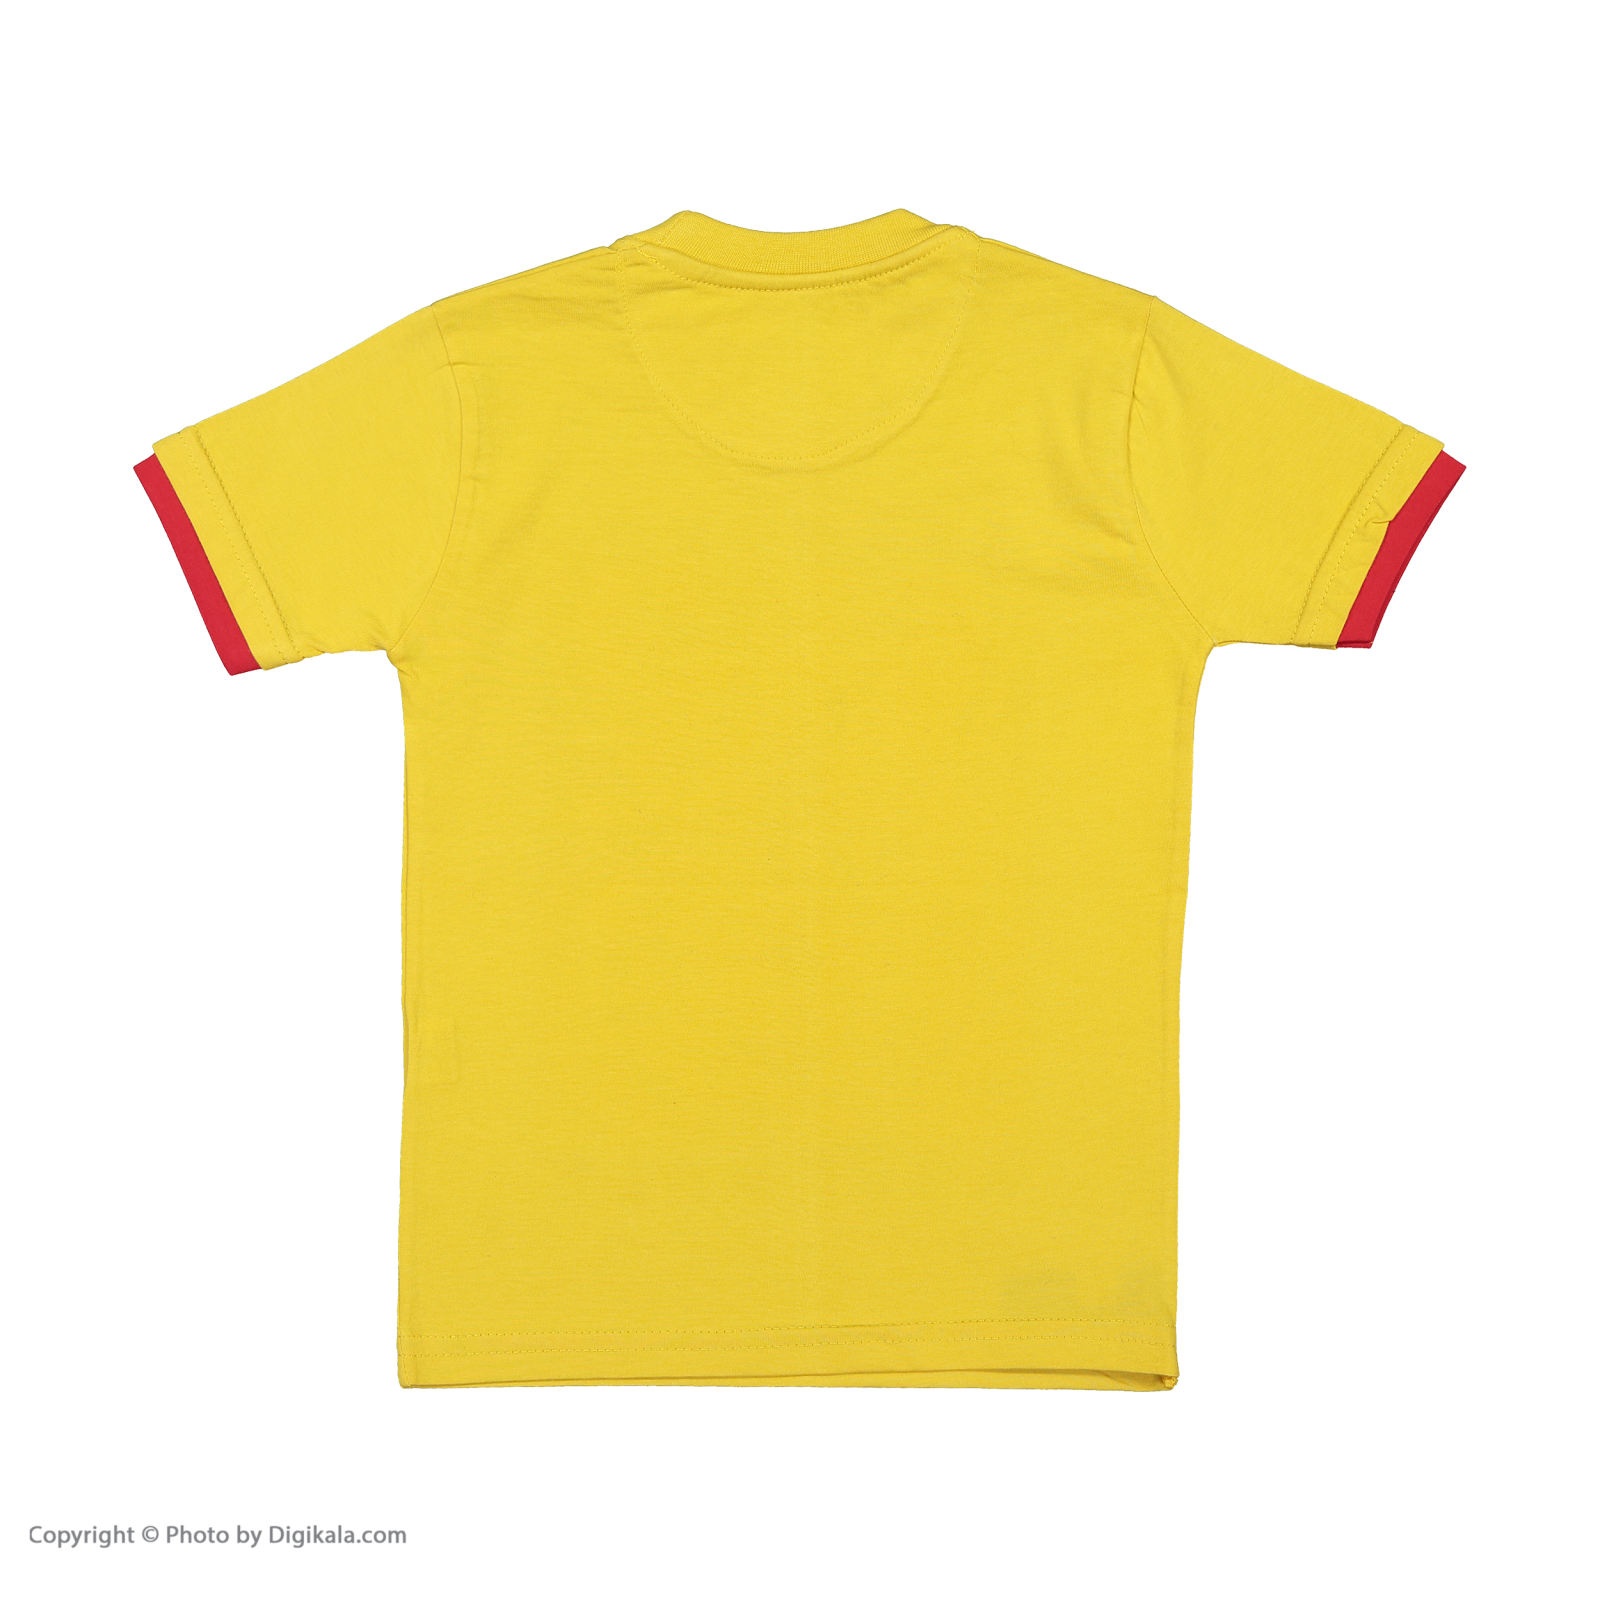 تی شرت پسرانه سون پون مدل 1391252-16